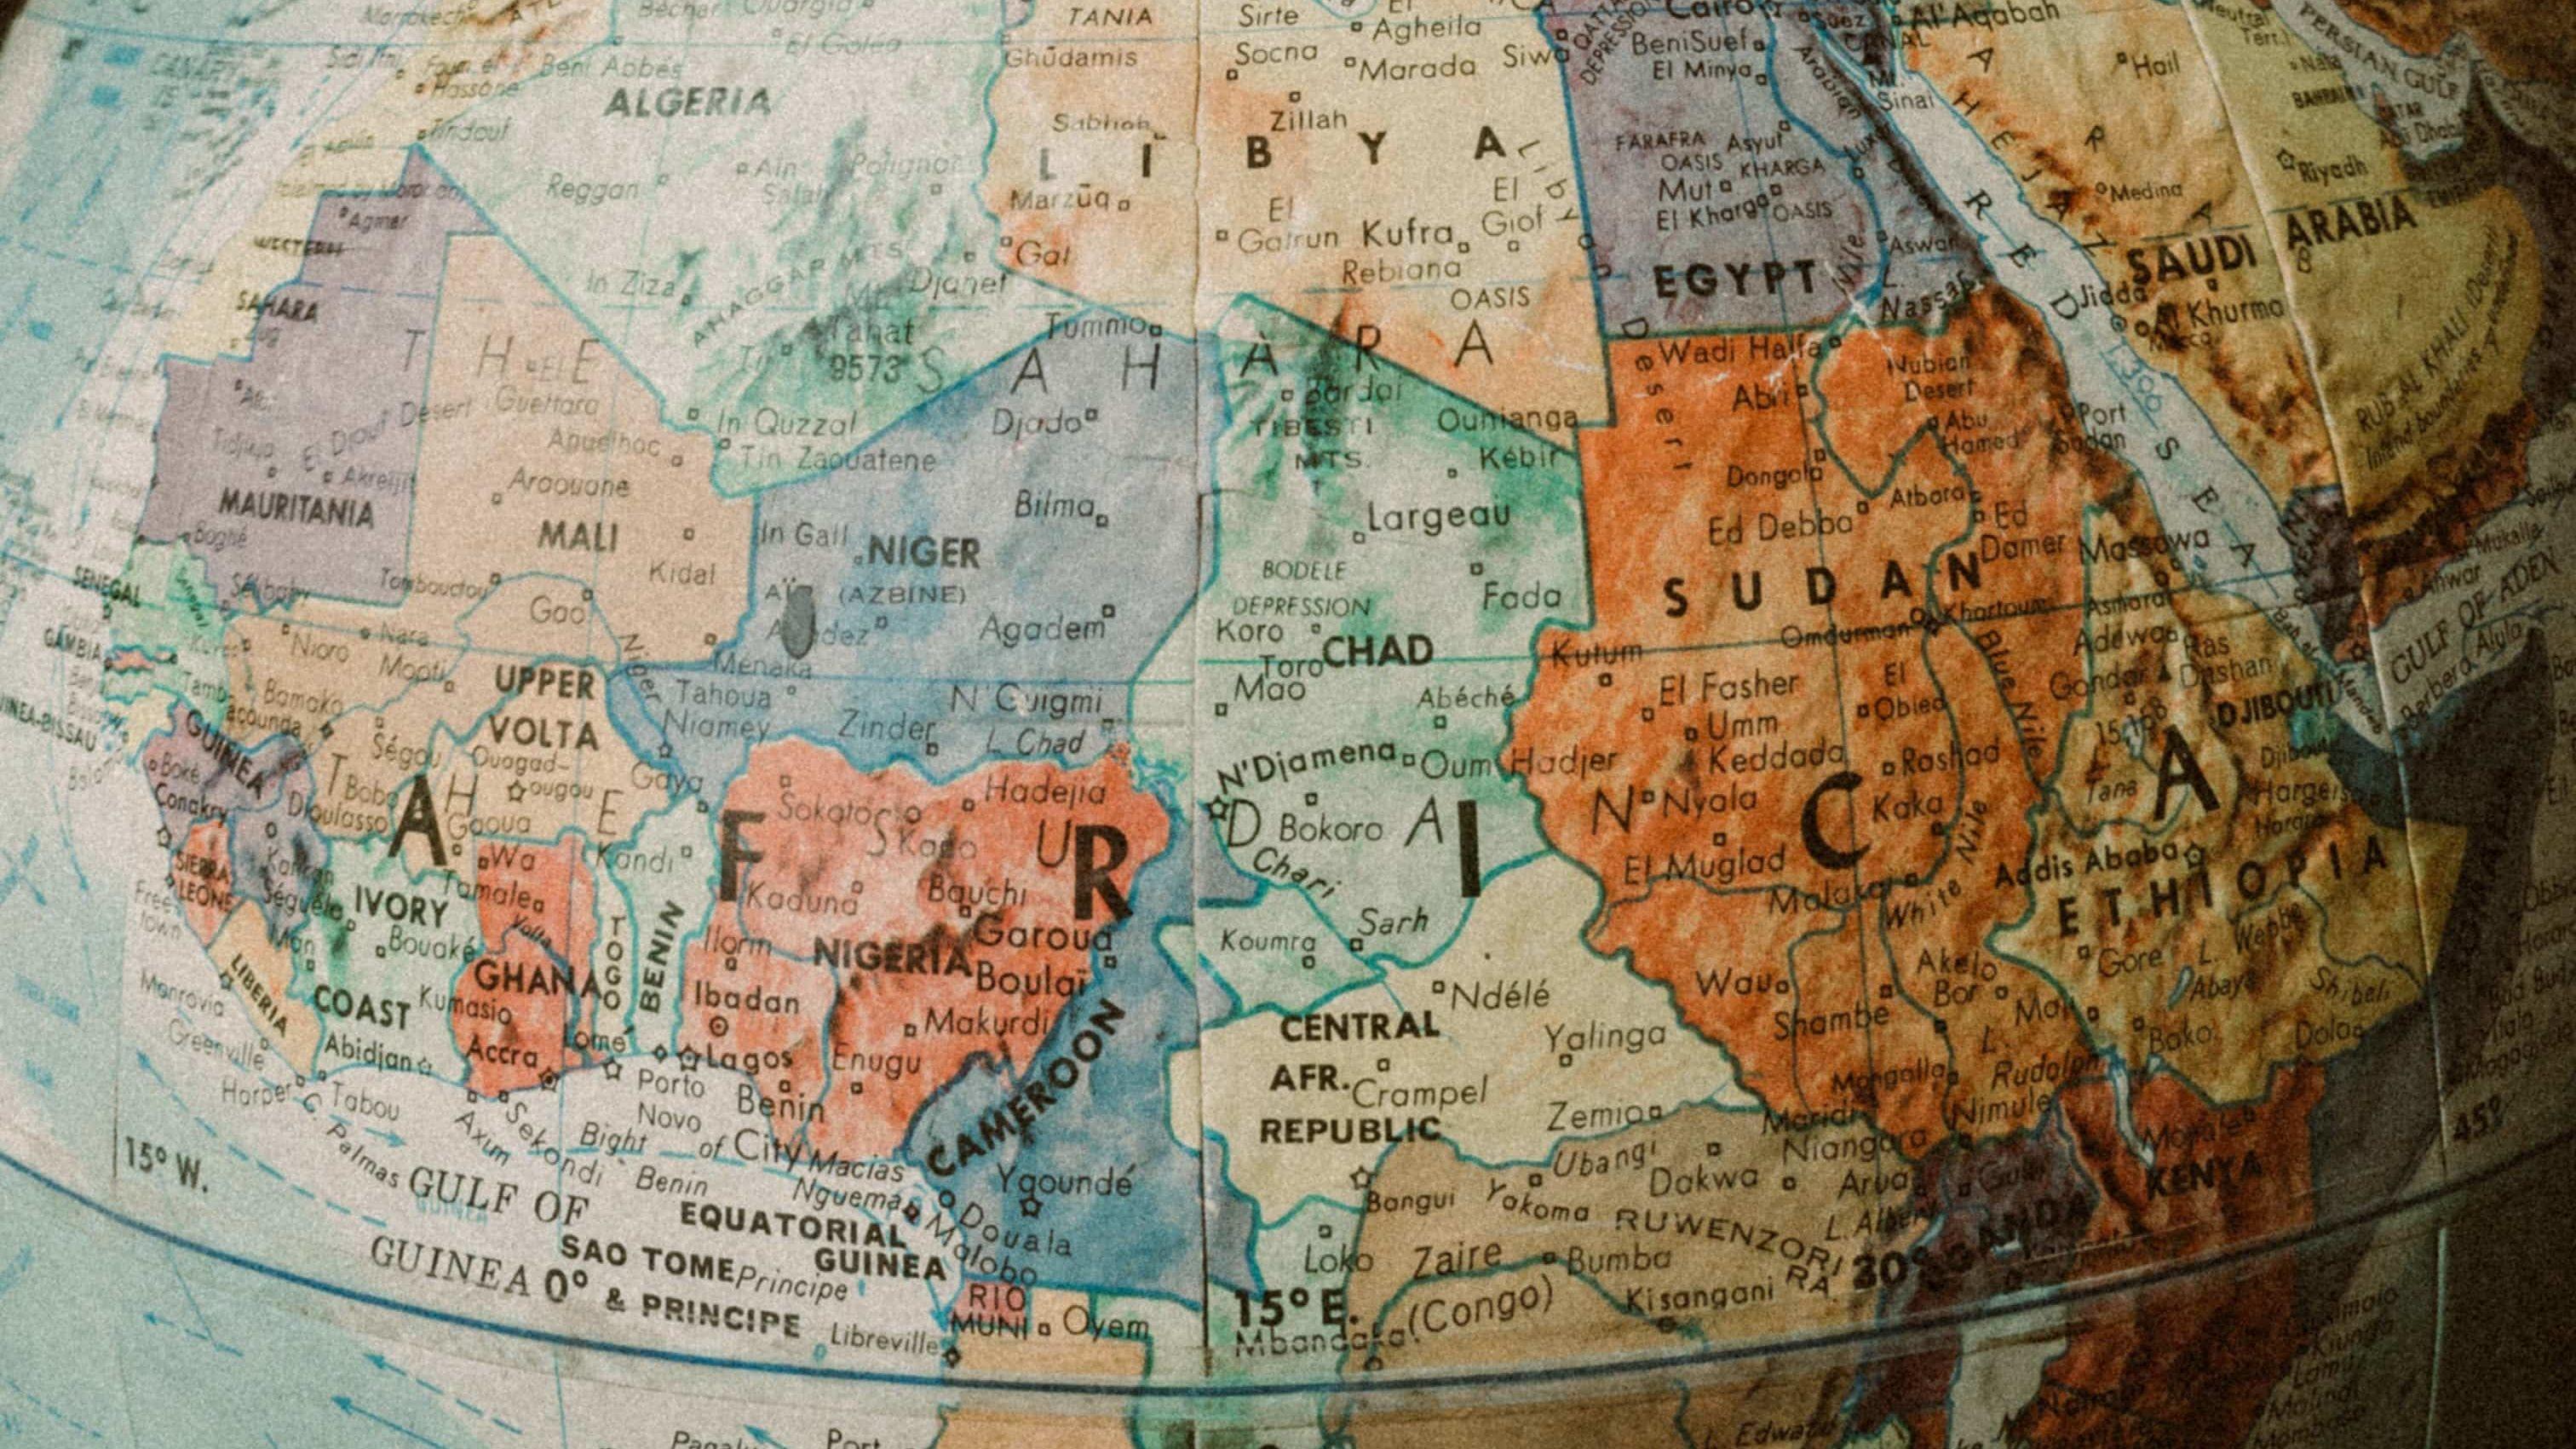 Rwanda : « L'Etat a le devoir de réparer les dommages causés. » Gaspard Koenig